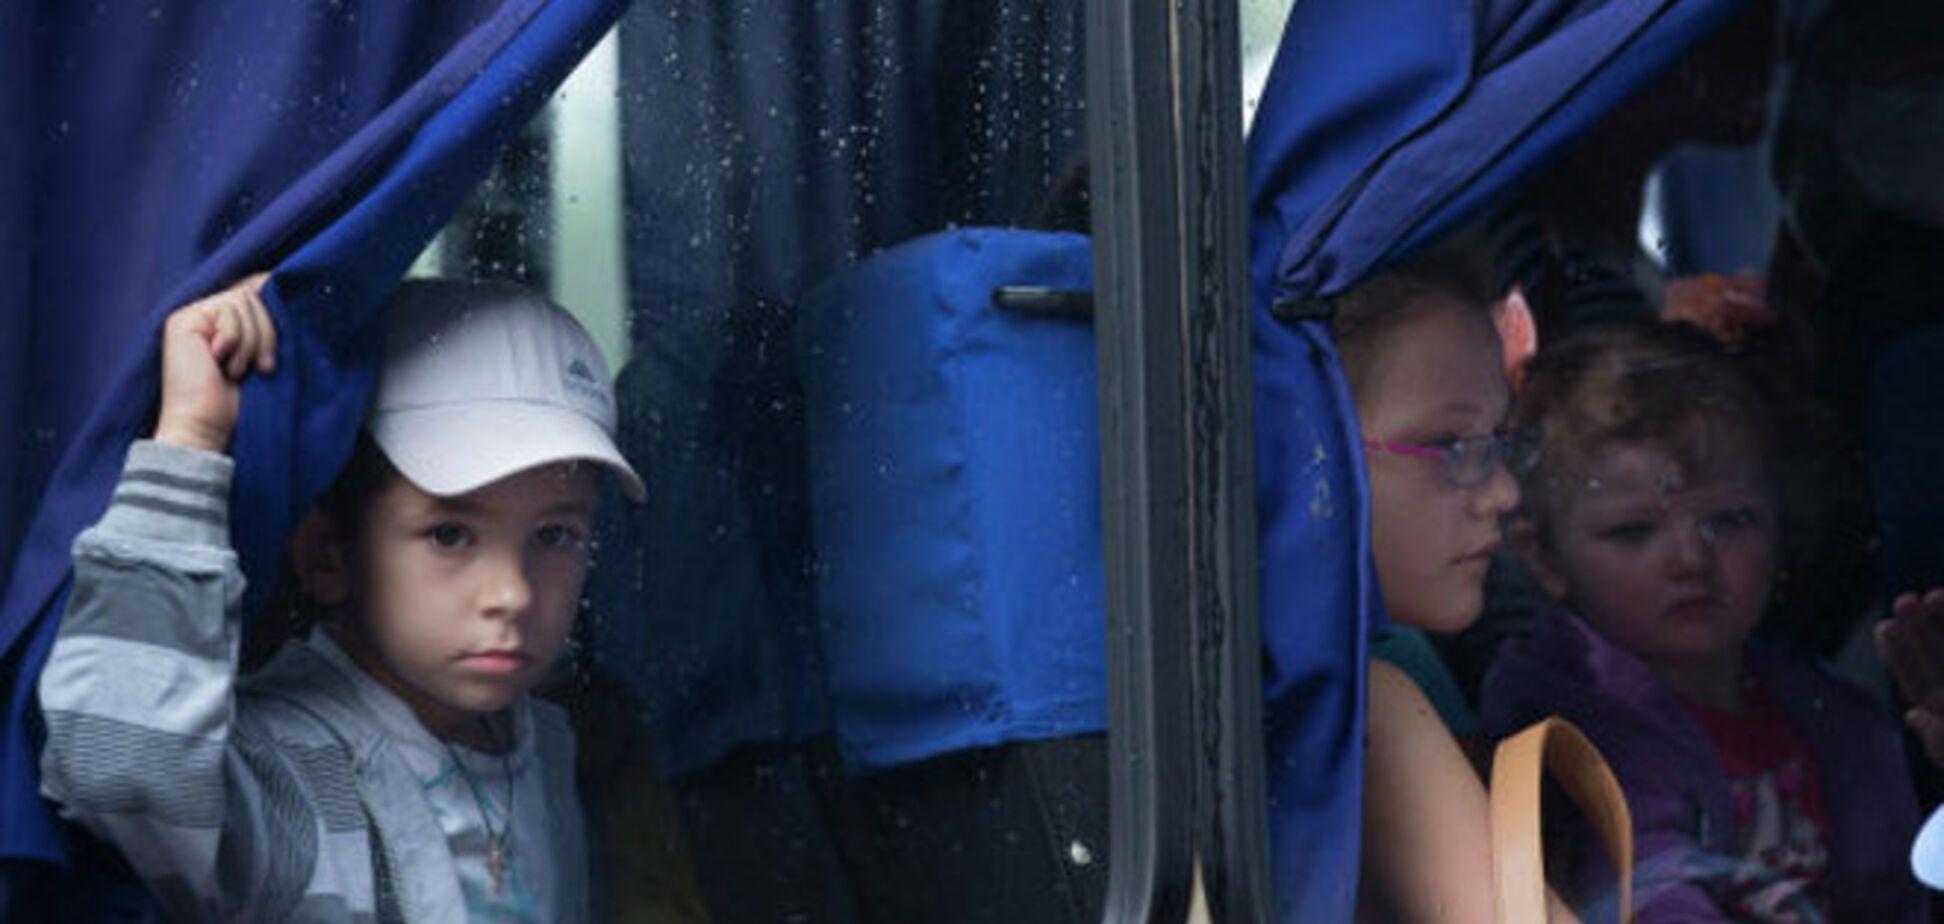 Террористы снова пытаются вывезти украинских детей в РФ